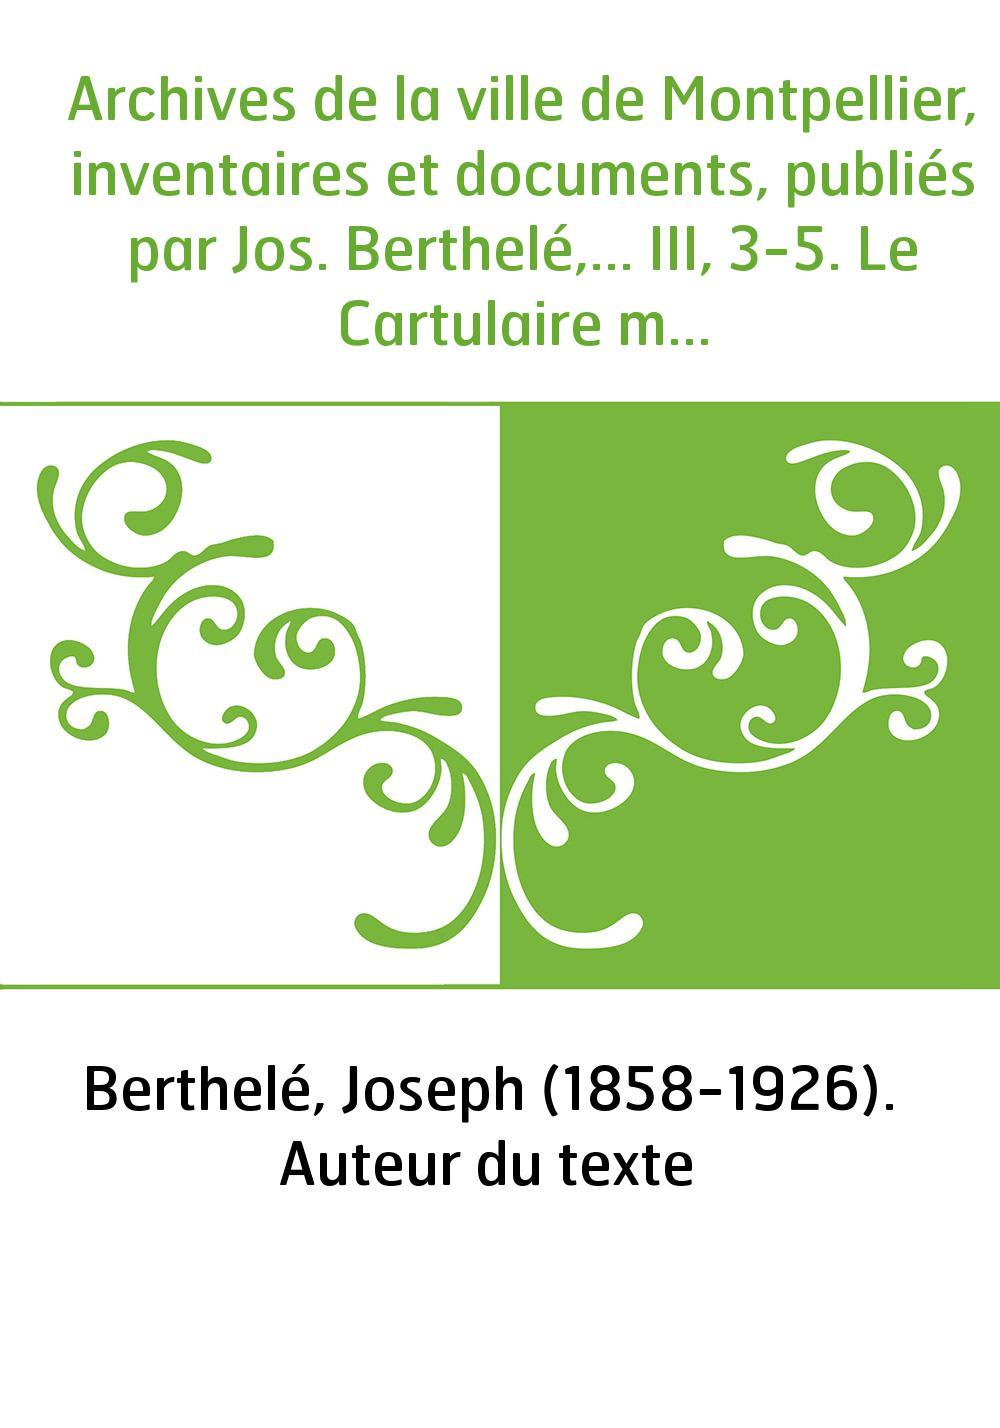 Archives de la ville de Montpellier, inventaires et documents, publiés par Jos. Berthelé,... III, 3-5. Le Cartulaire montpelliér